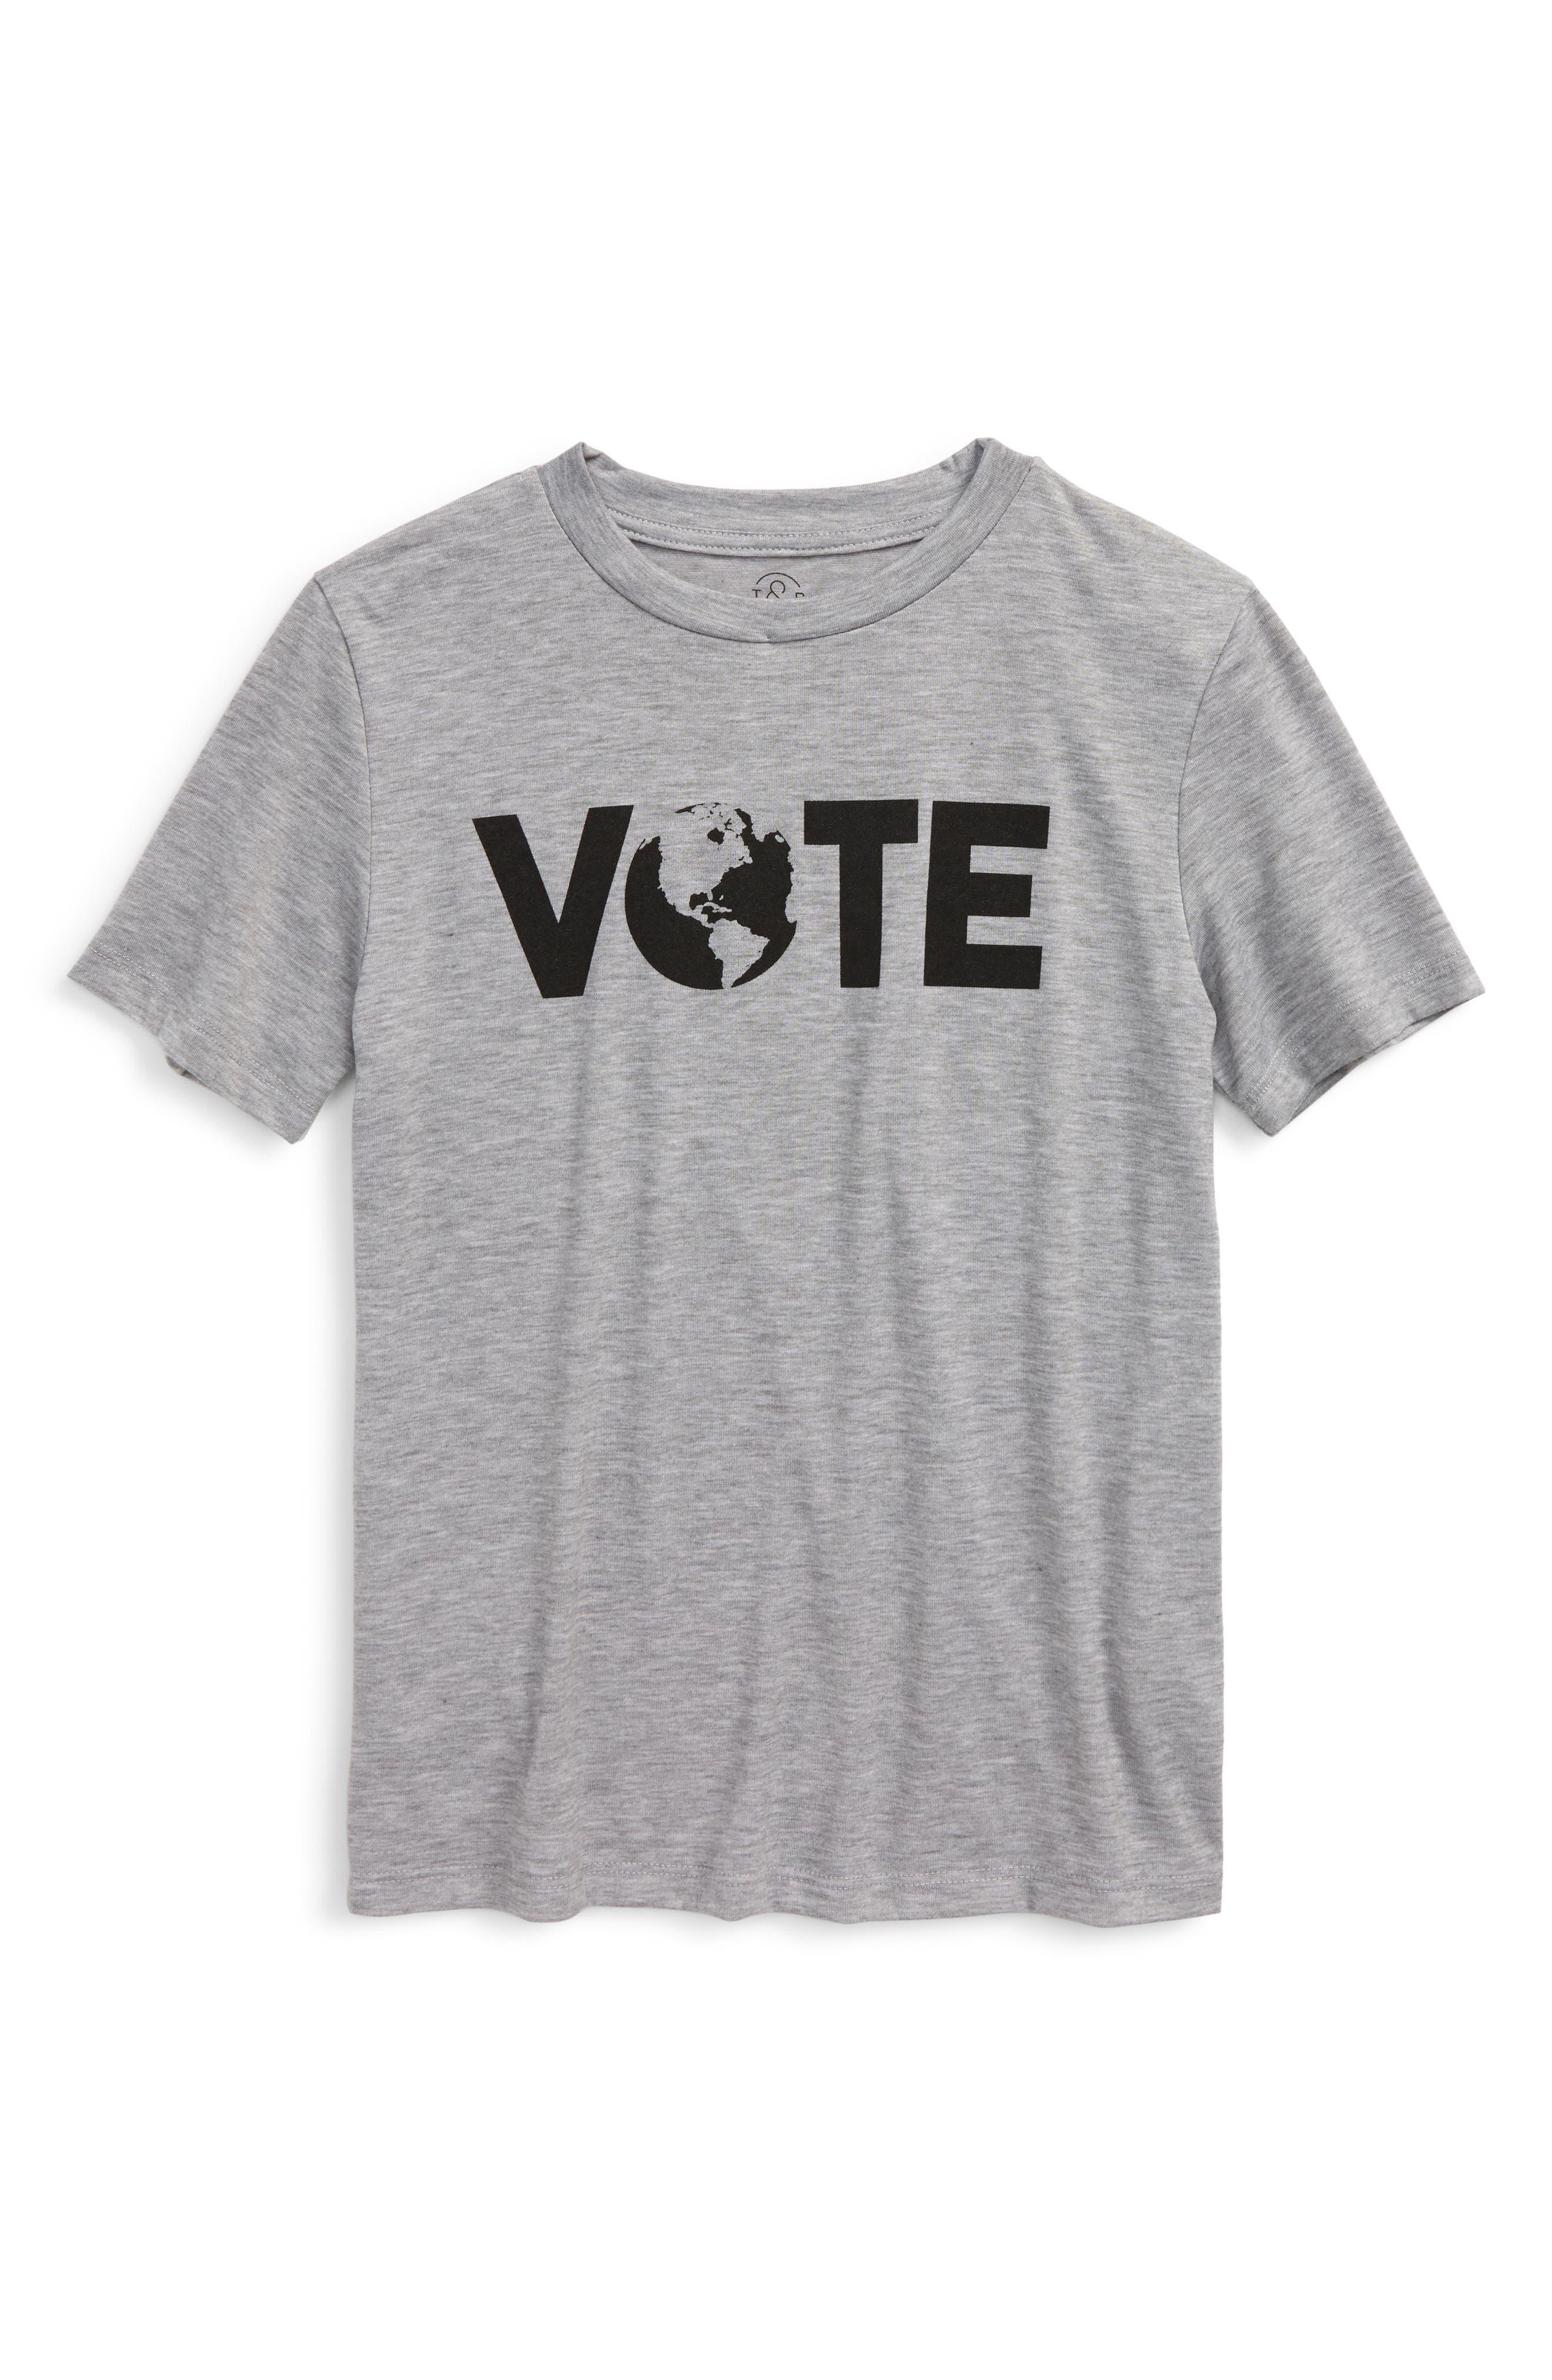 Image of Treasure & Bond Short Sleeve Vote Tee